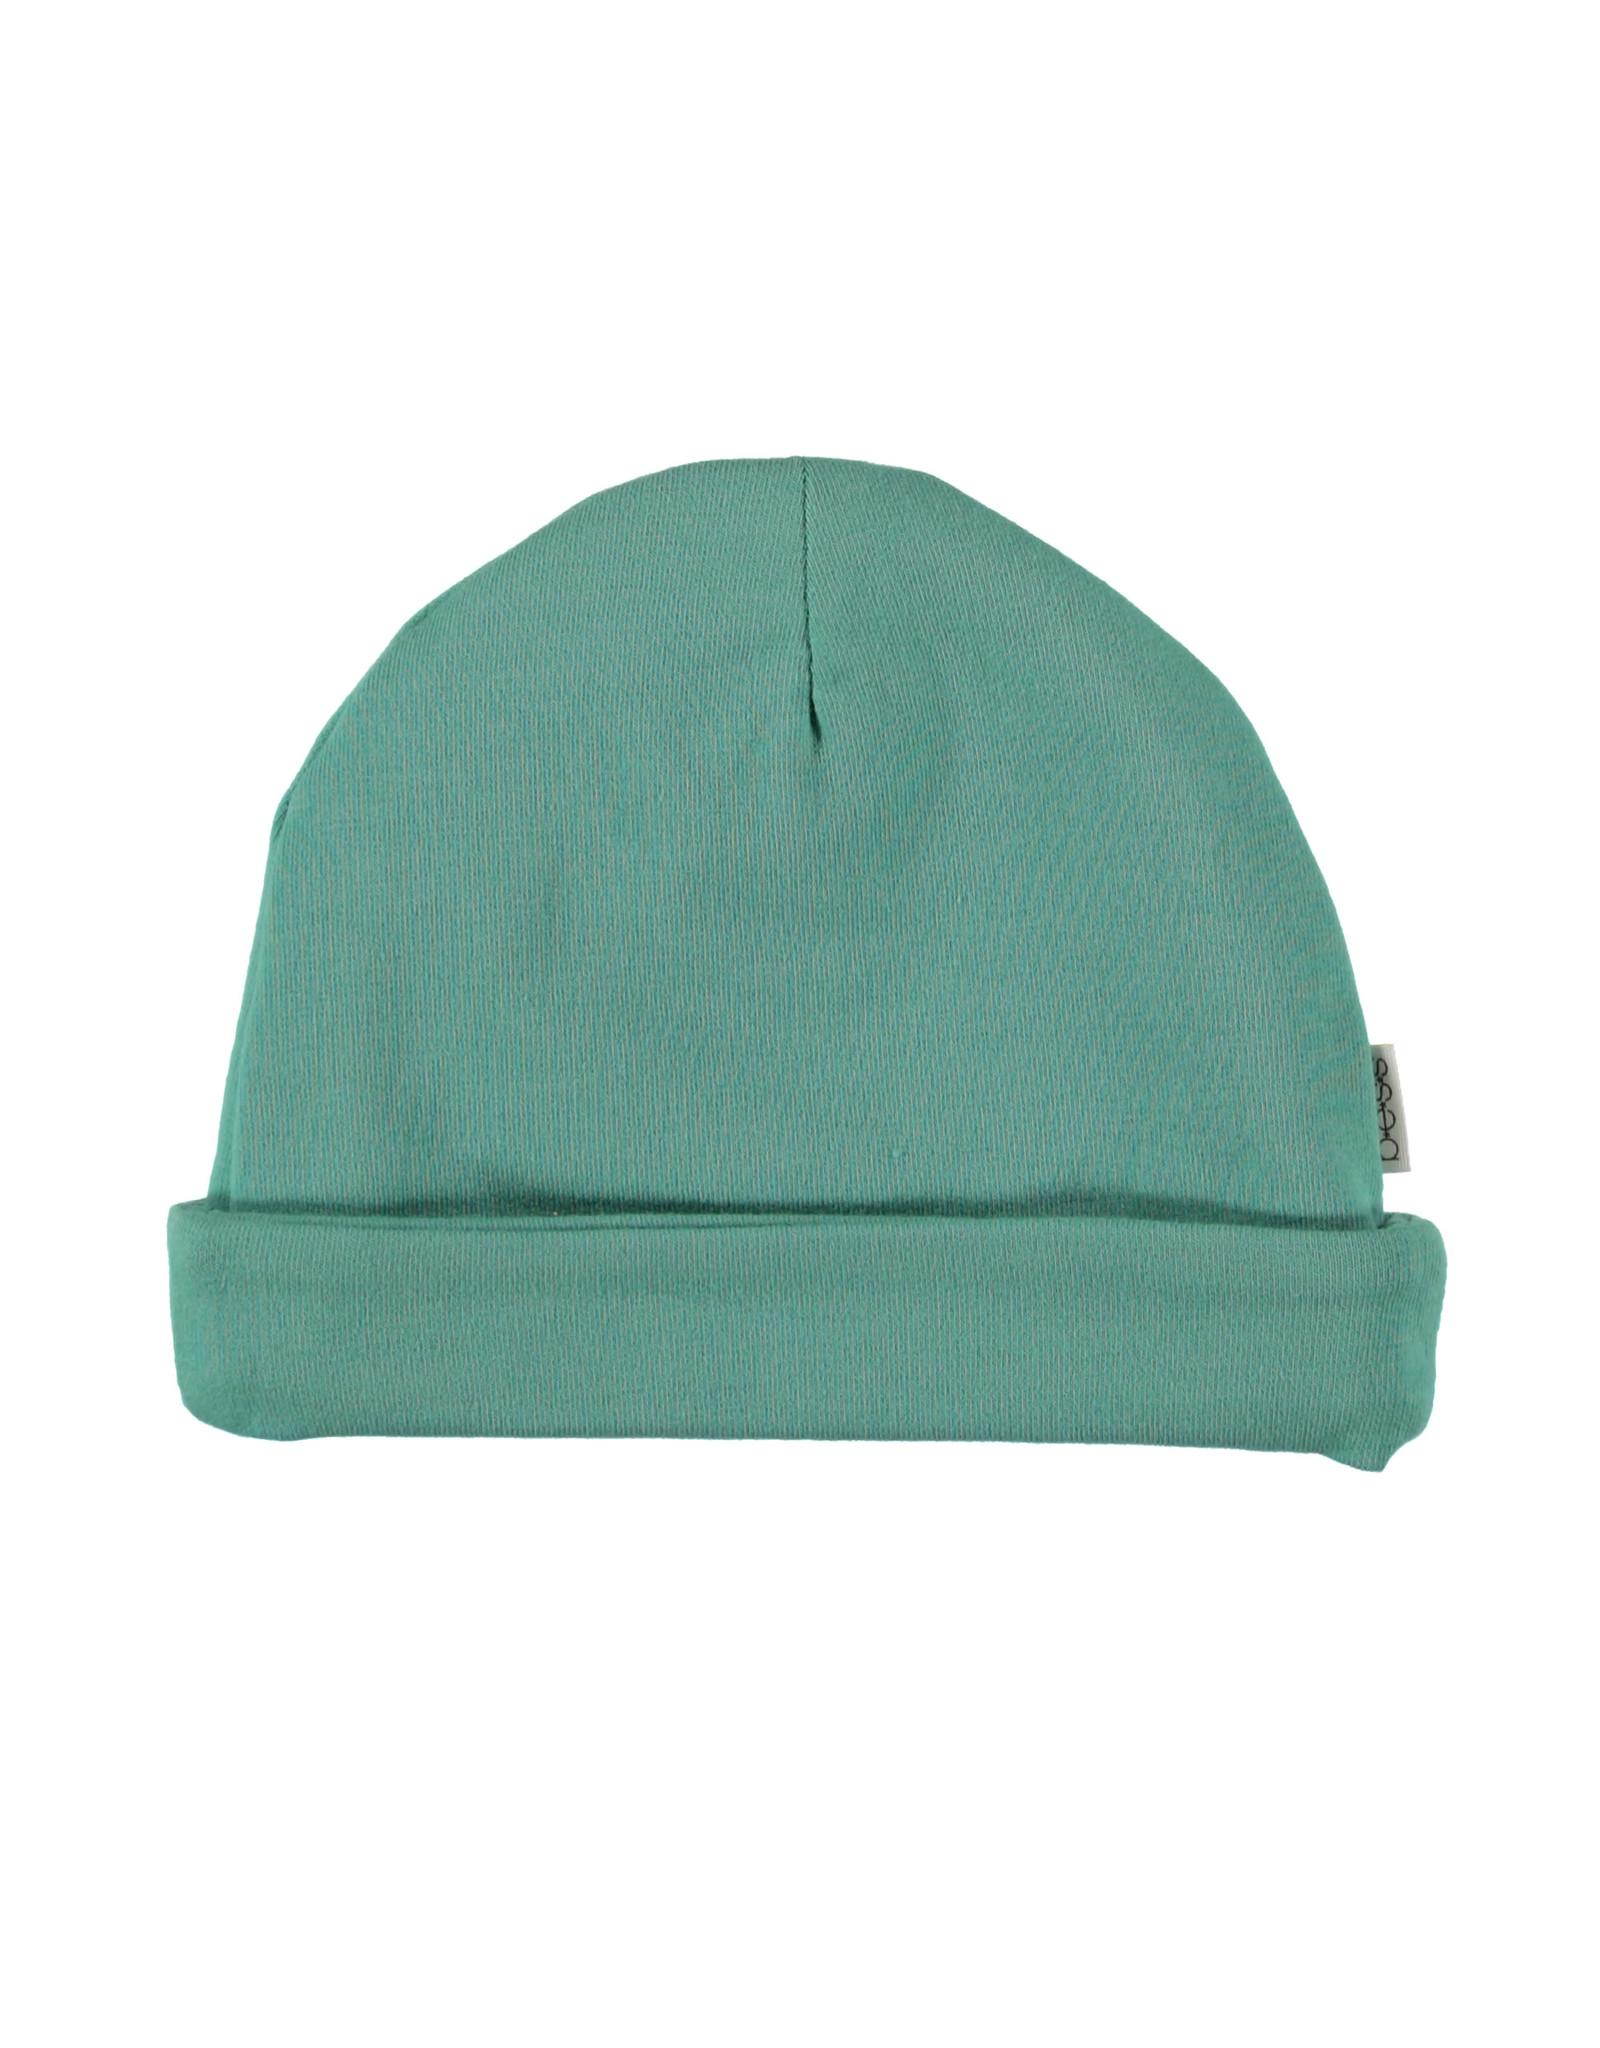 BESS Hat Green Organic NOS